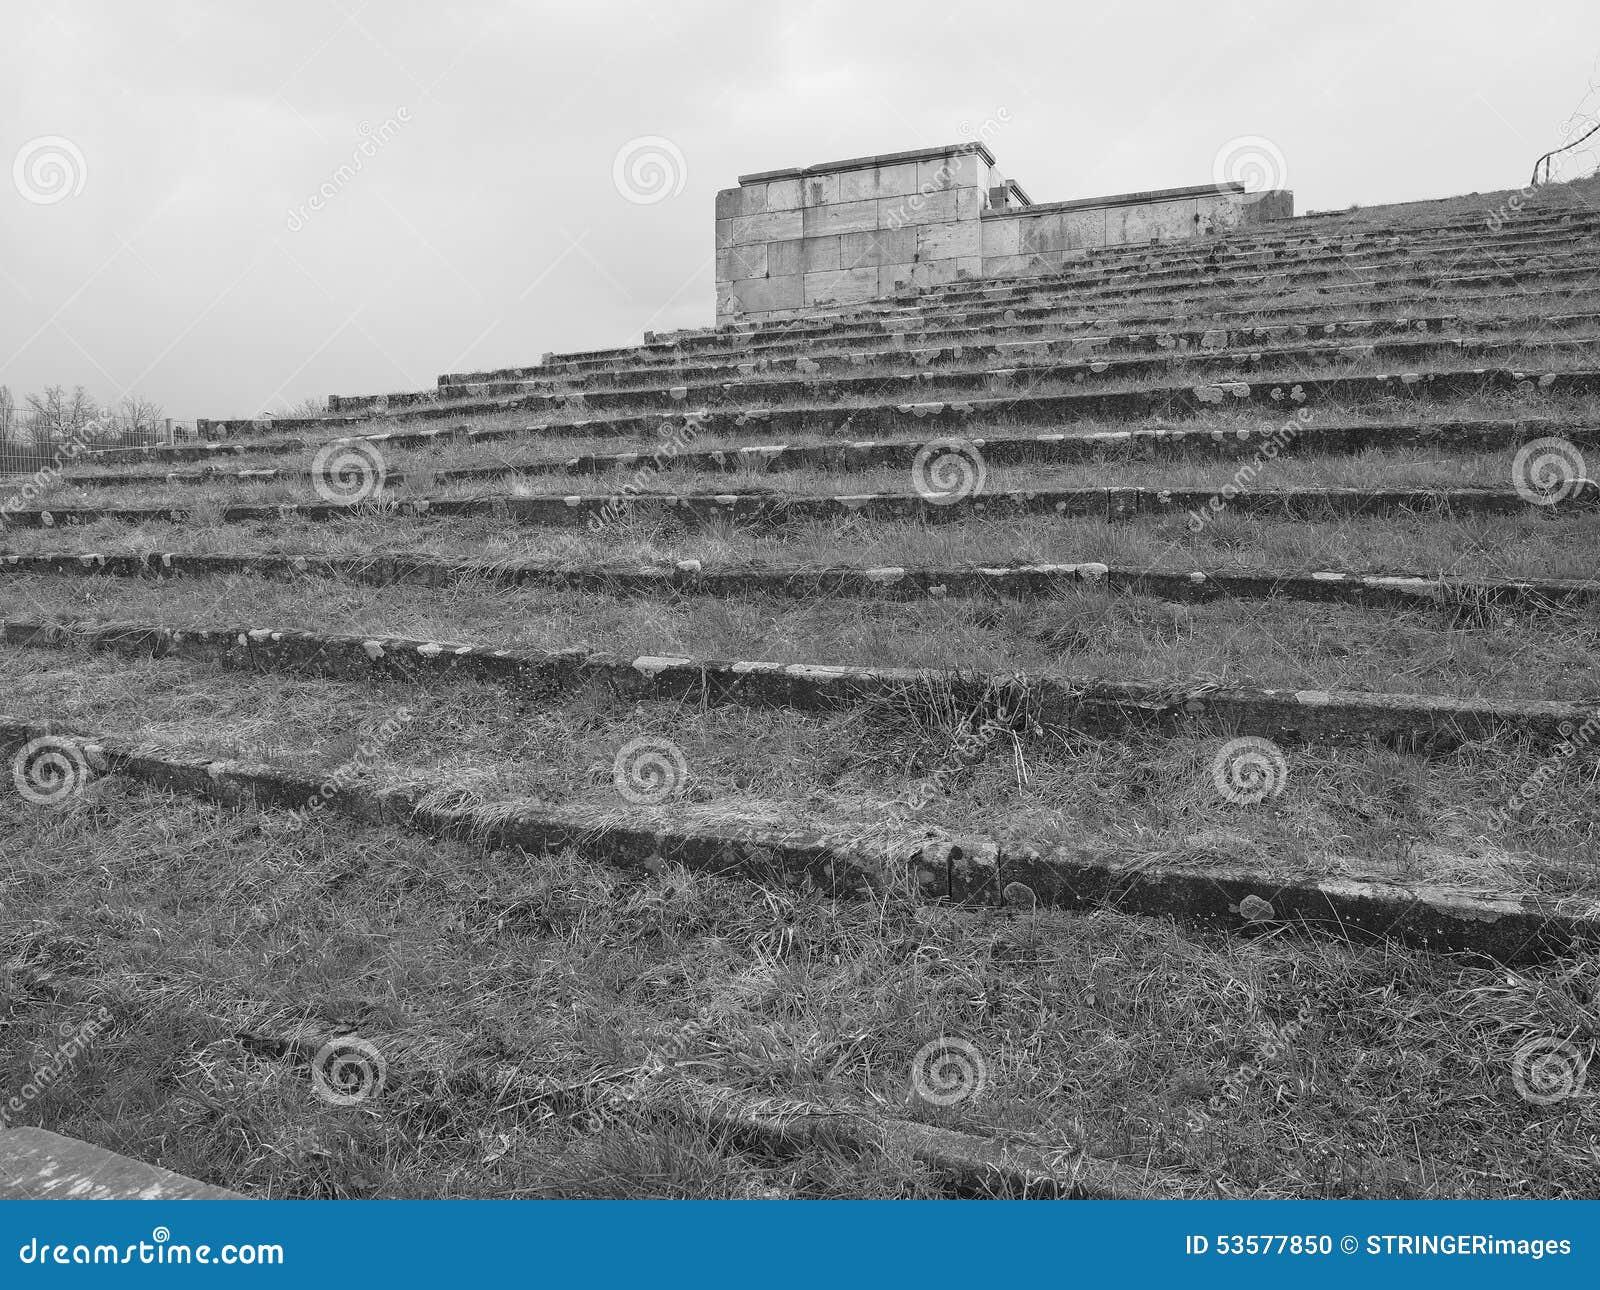 Δραματική άποψη επάνω τα βήματα θεατών που περιβάλλουν τους προηγούμενους ναζιστικούς λόγους συνάθροισης κόμματος